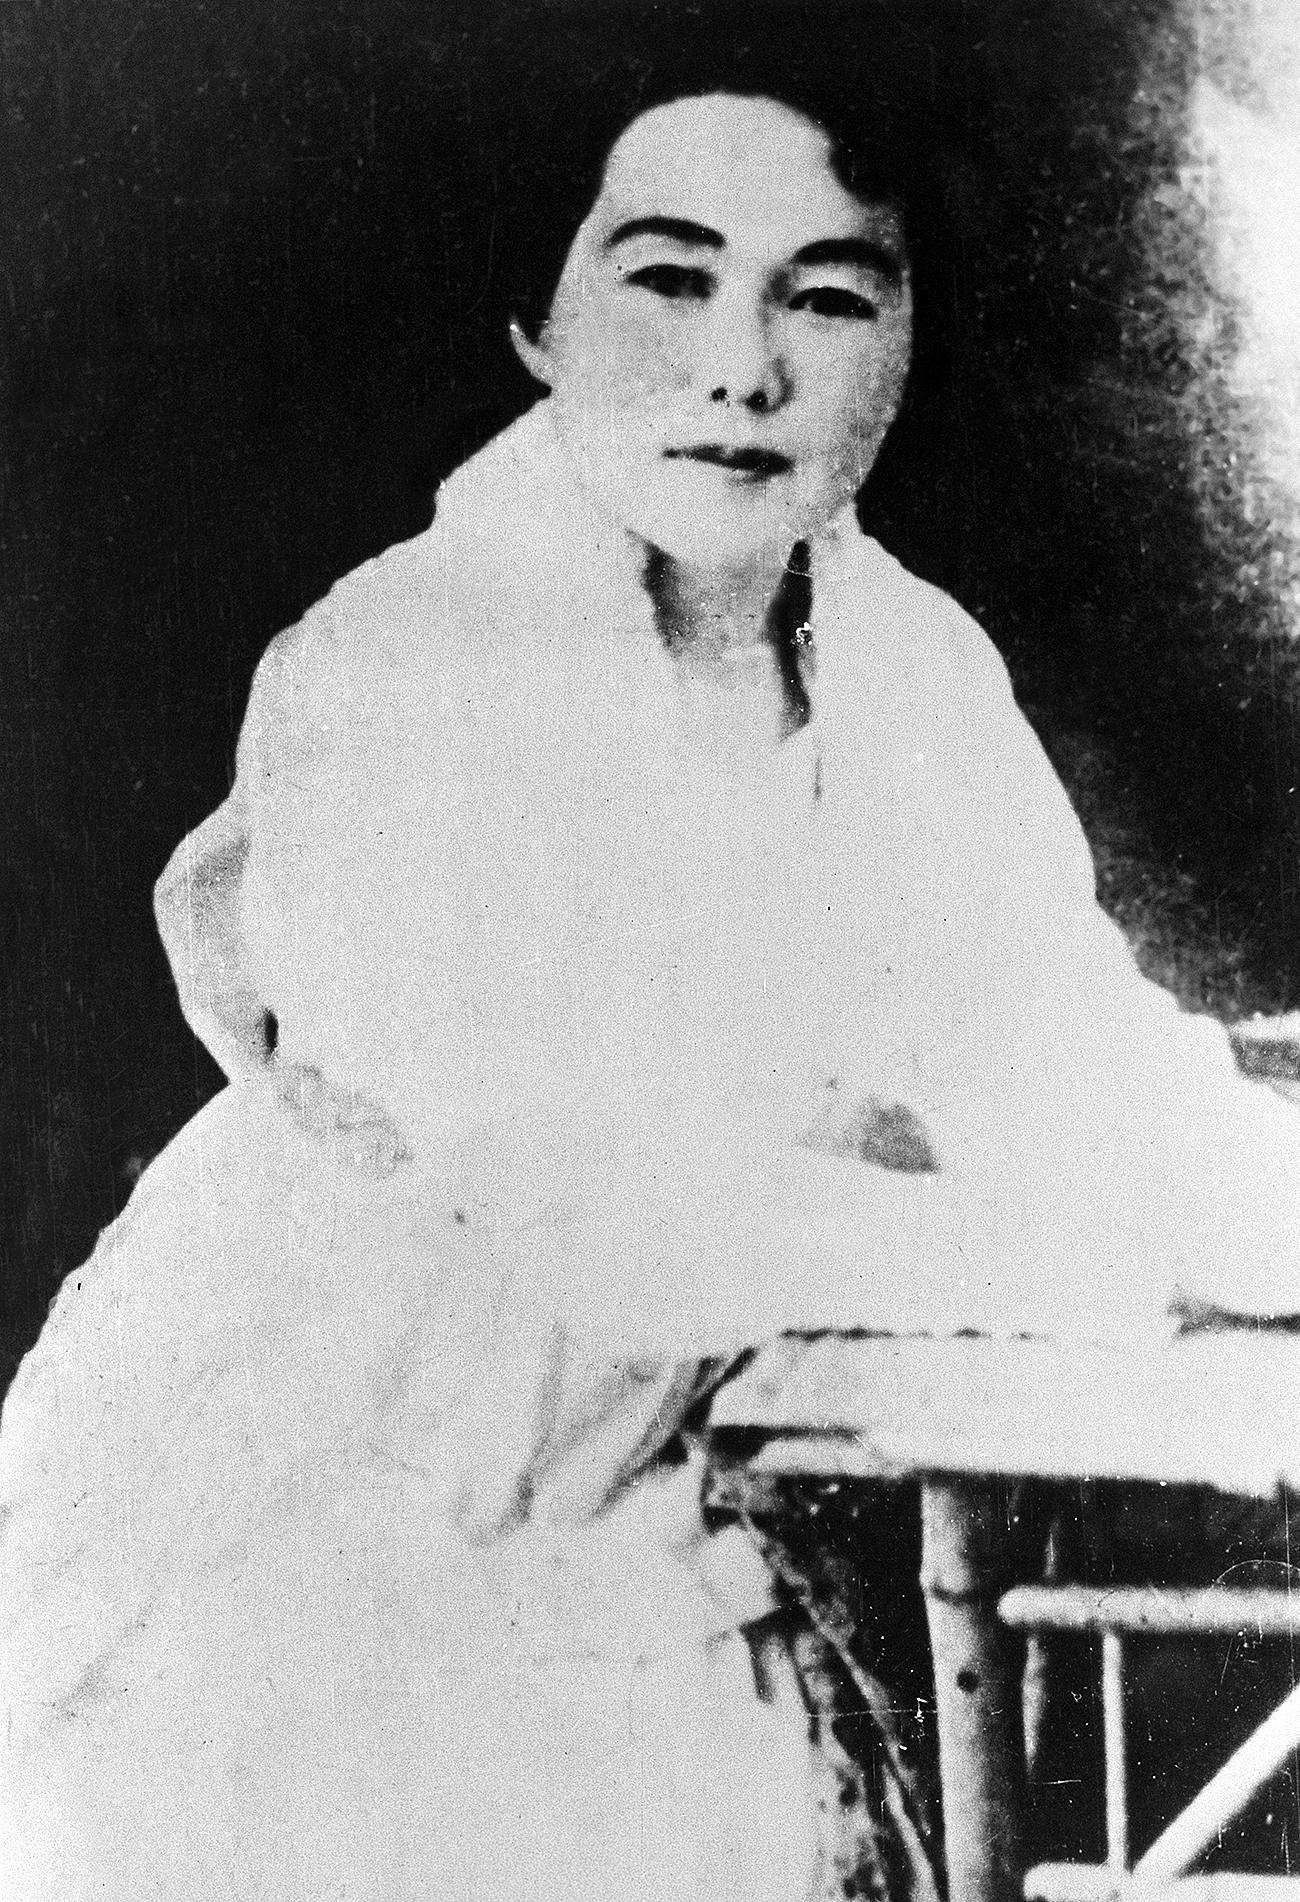 1918년, 알렉산드라 스탄케비치